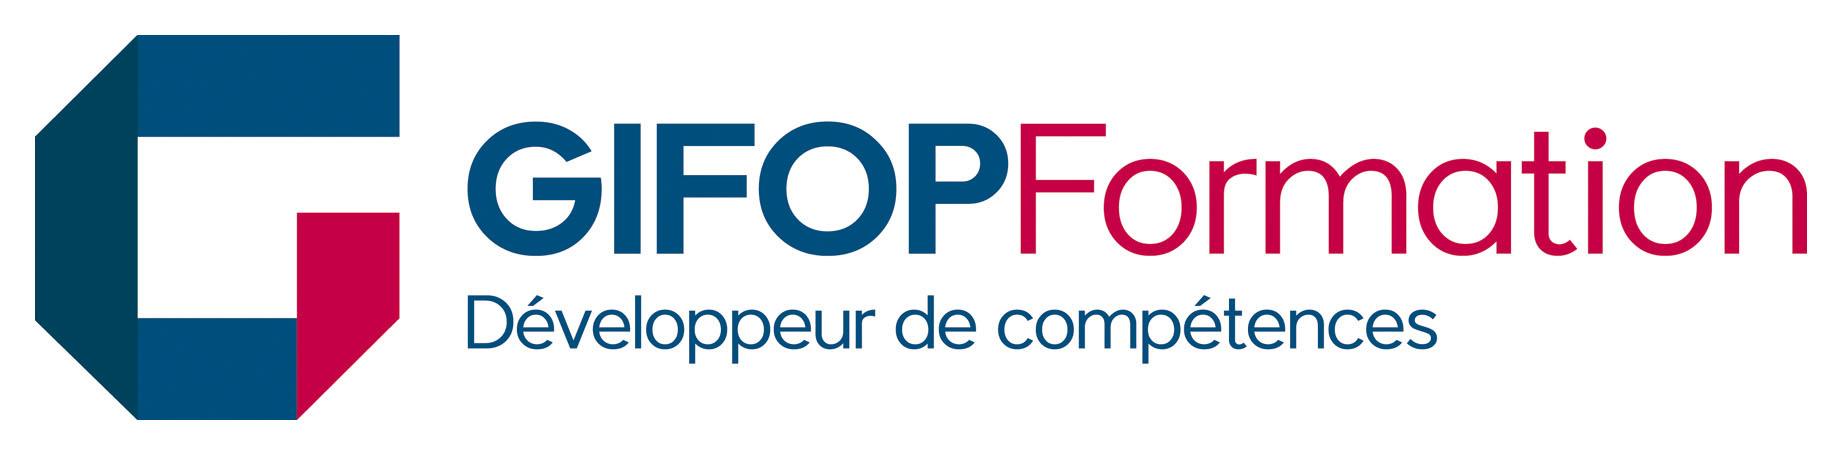 logo-gifop-formation